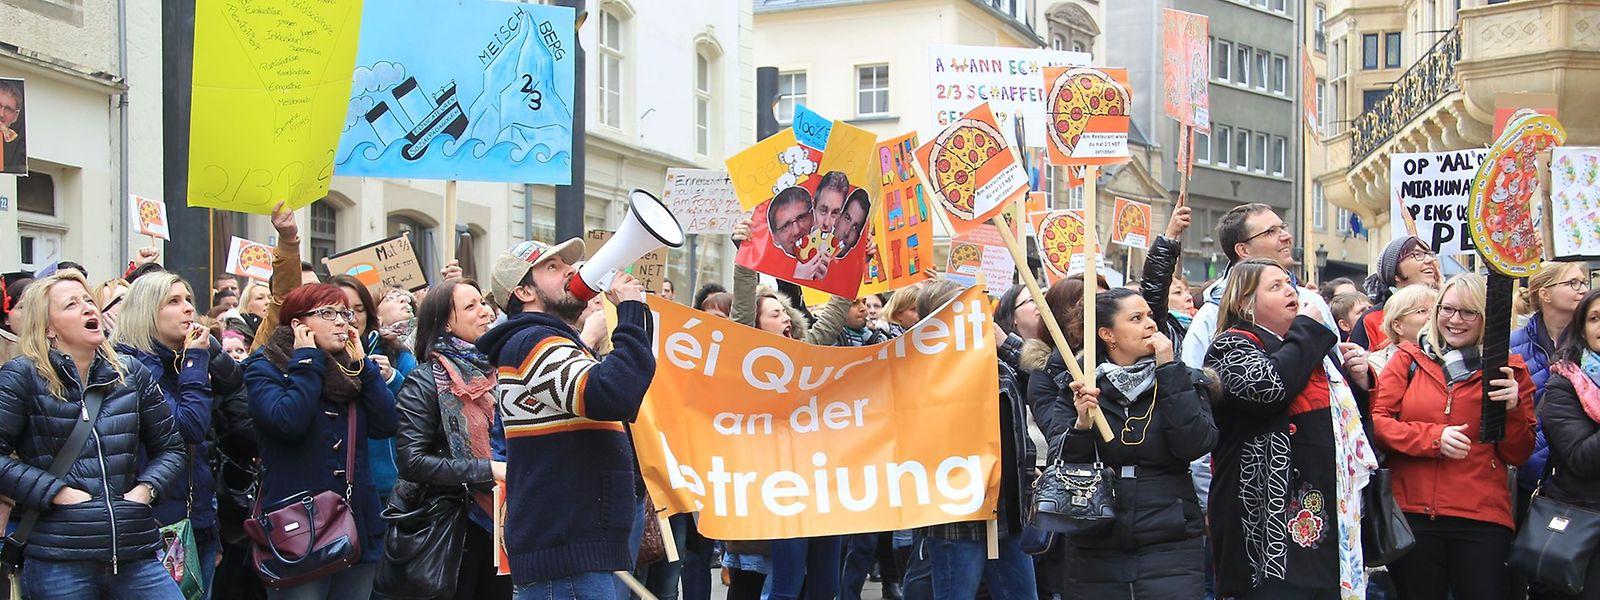 Erzieher, Sozialpädagogen und Lehrbeauftragte demonstrierten vor dem Parlament gegen die Reform.